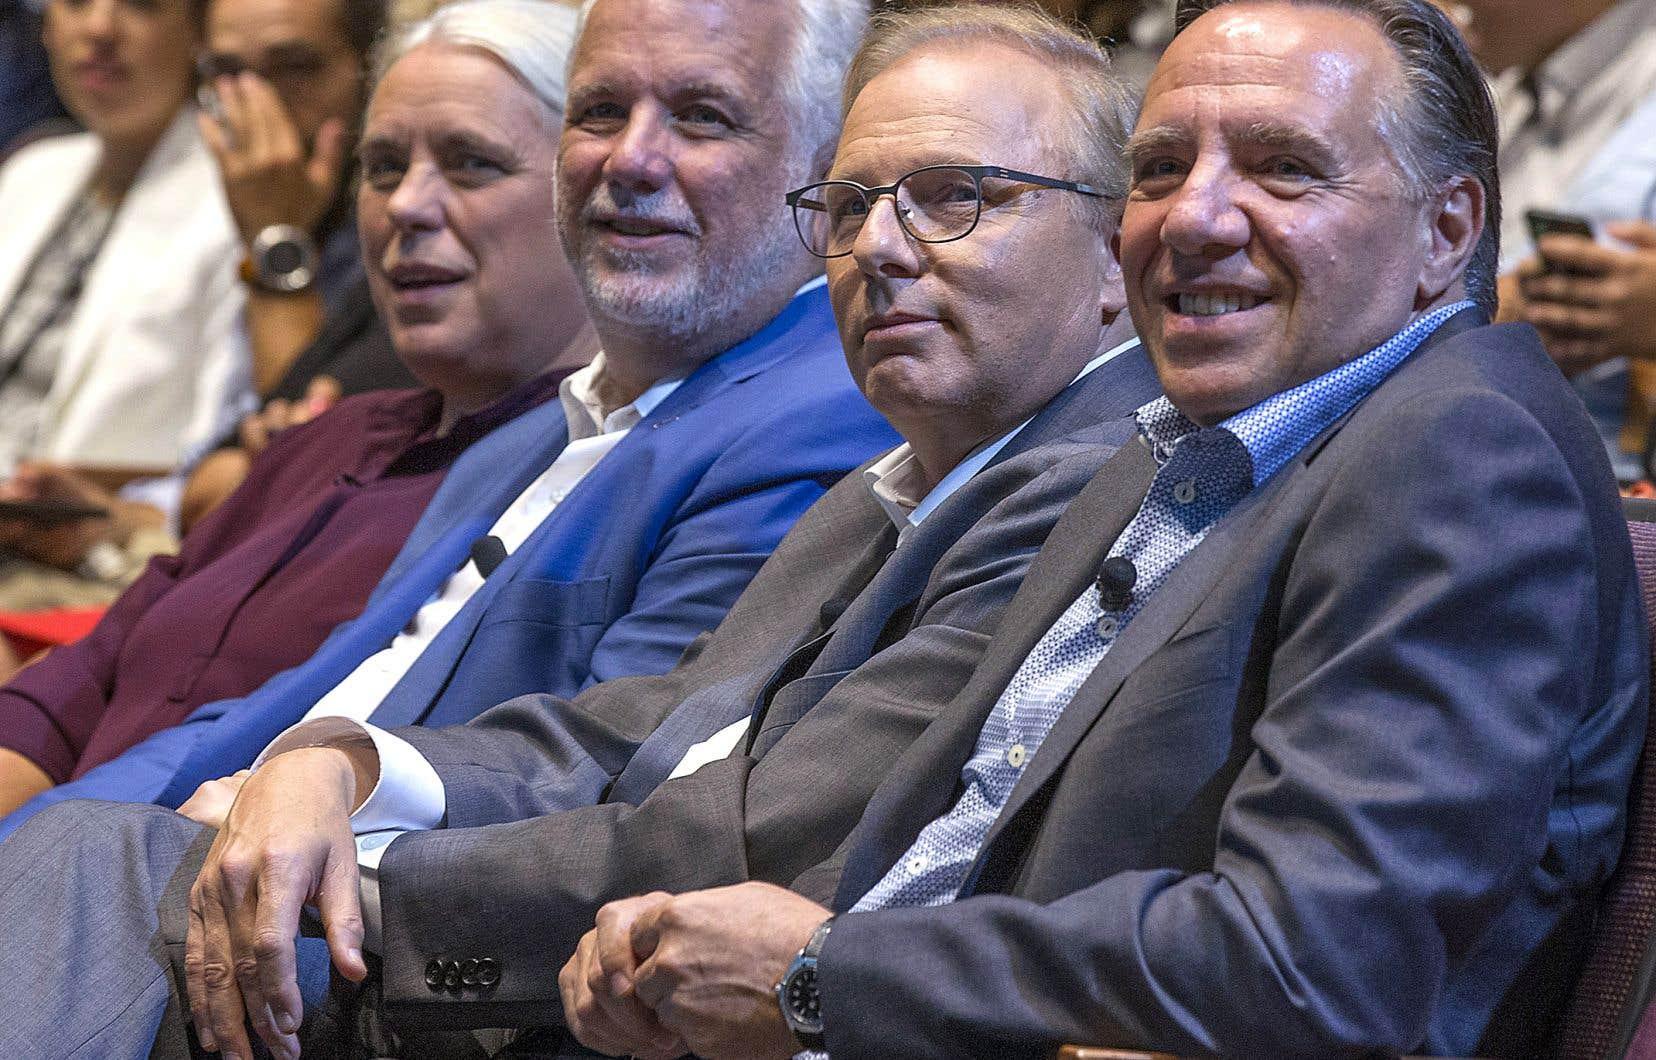 Les quatre chefs lors d'un débat pendant la campagne électorale